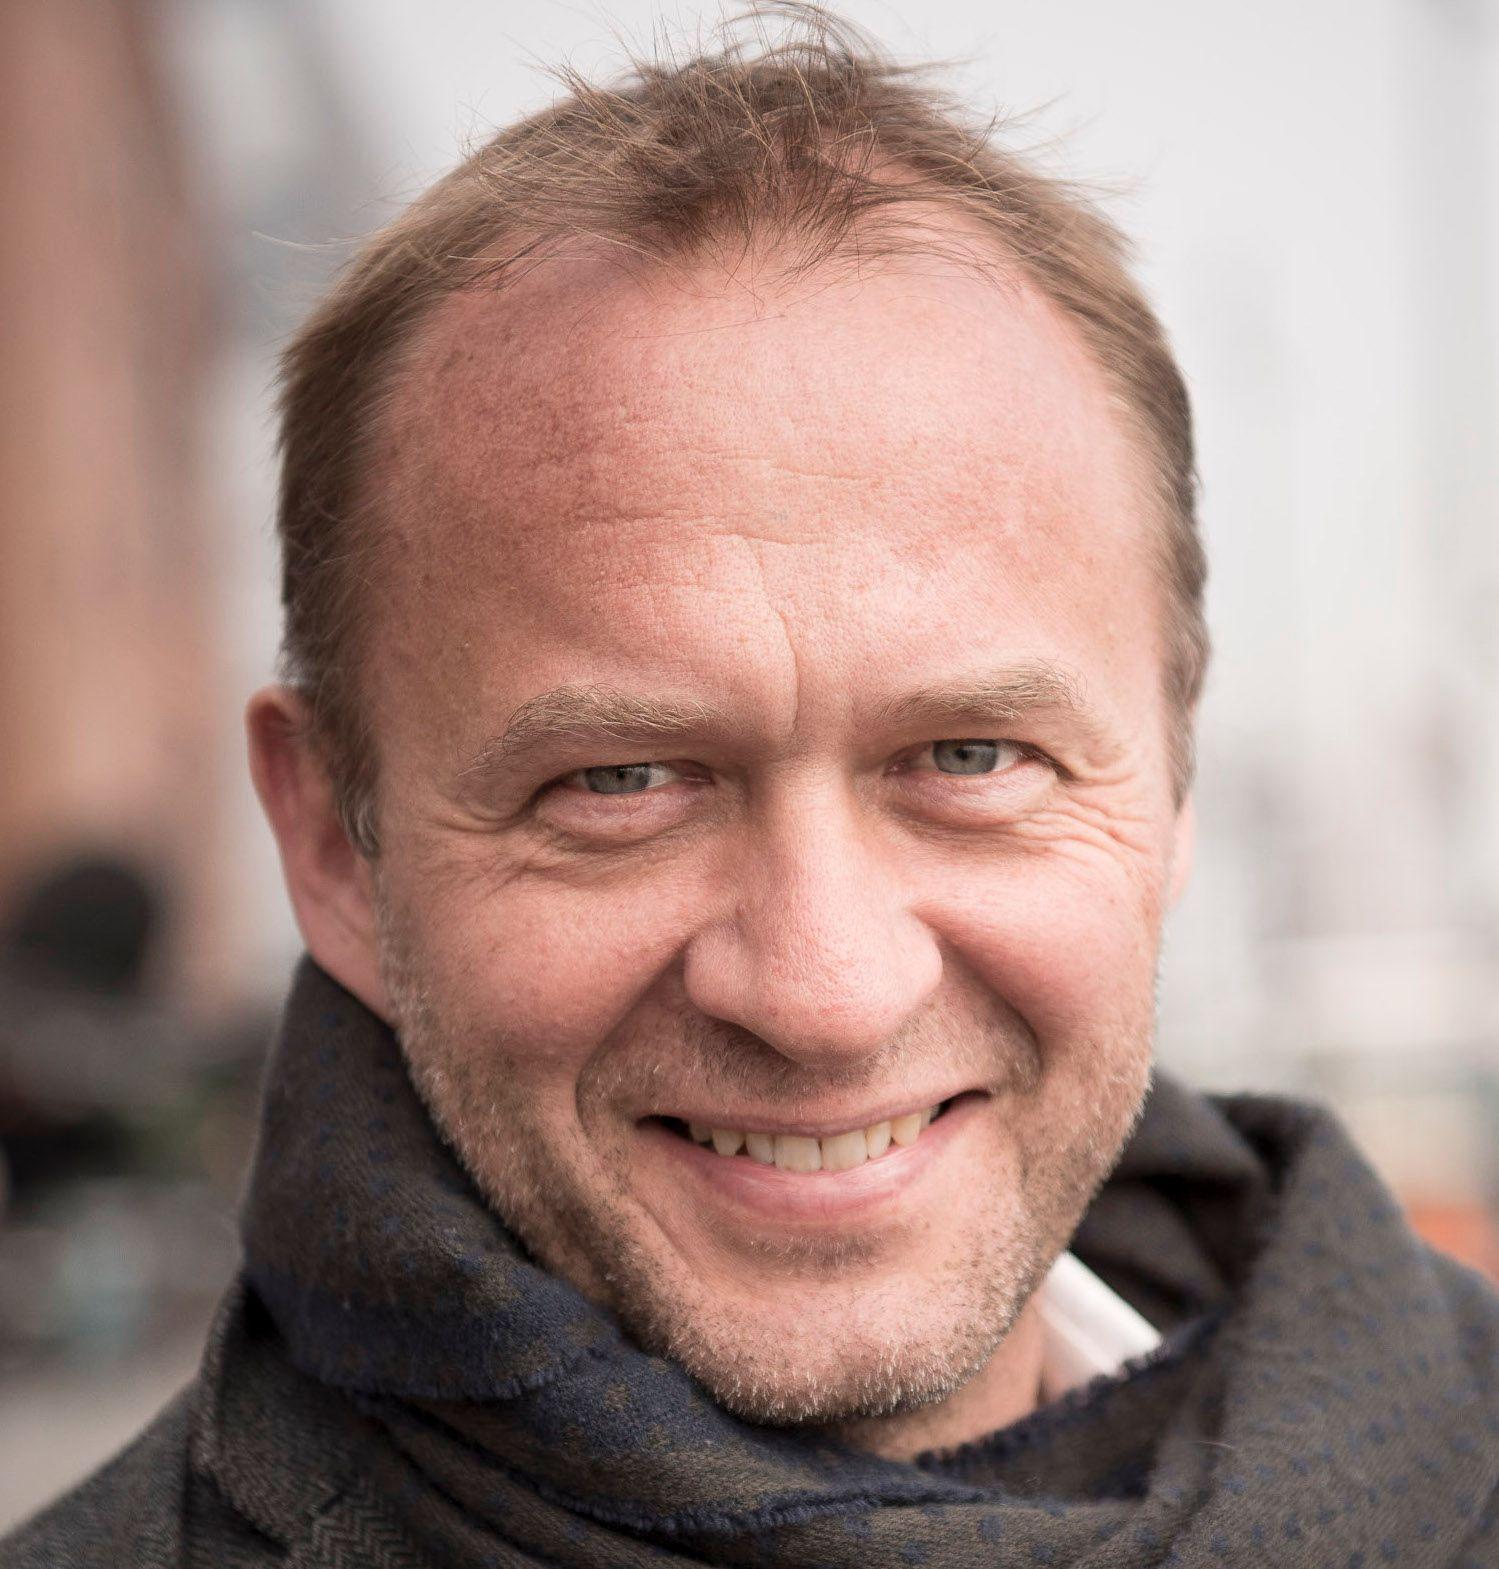 Ansvarlig redaktør Peter Raaum i Motor mener valutaeffekten kan gi høyere priser, men at eventuelle avgifter på elbilene fra og med 2022 vil få større påvirkning.